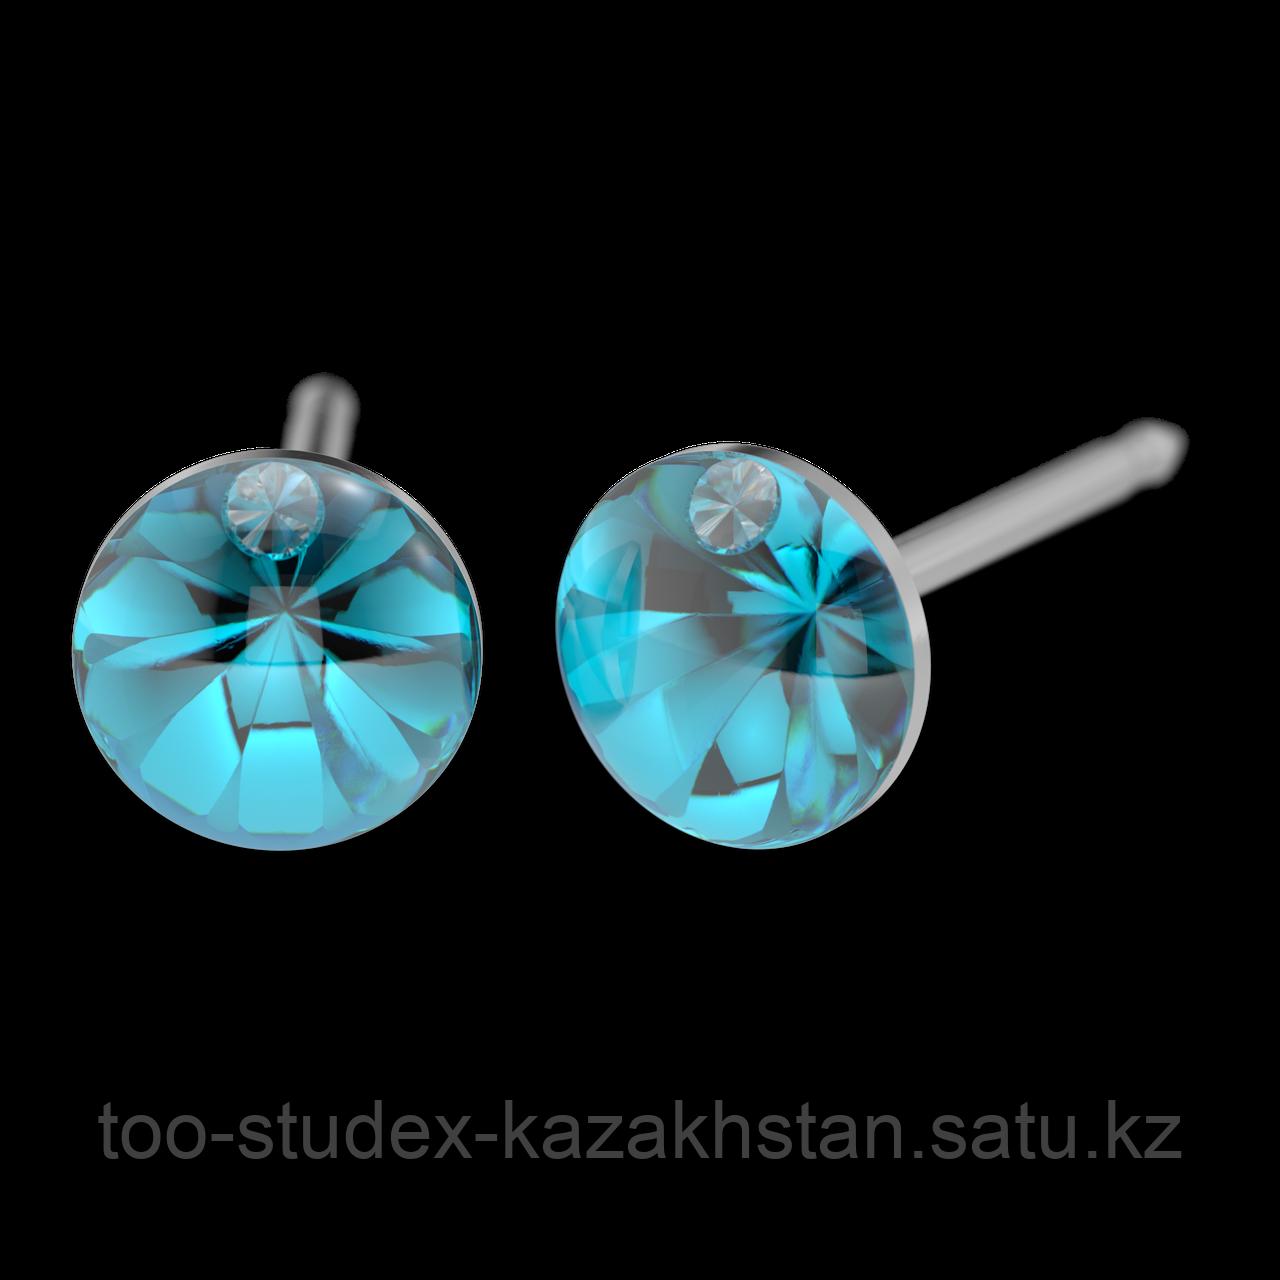 7522-4612 Серьги для прокола STUDEX System75 Кристалл цвета морской волны с цирконом